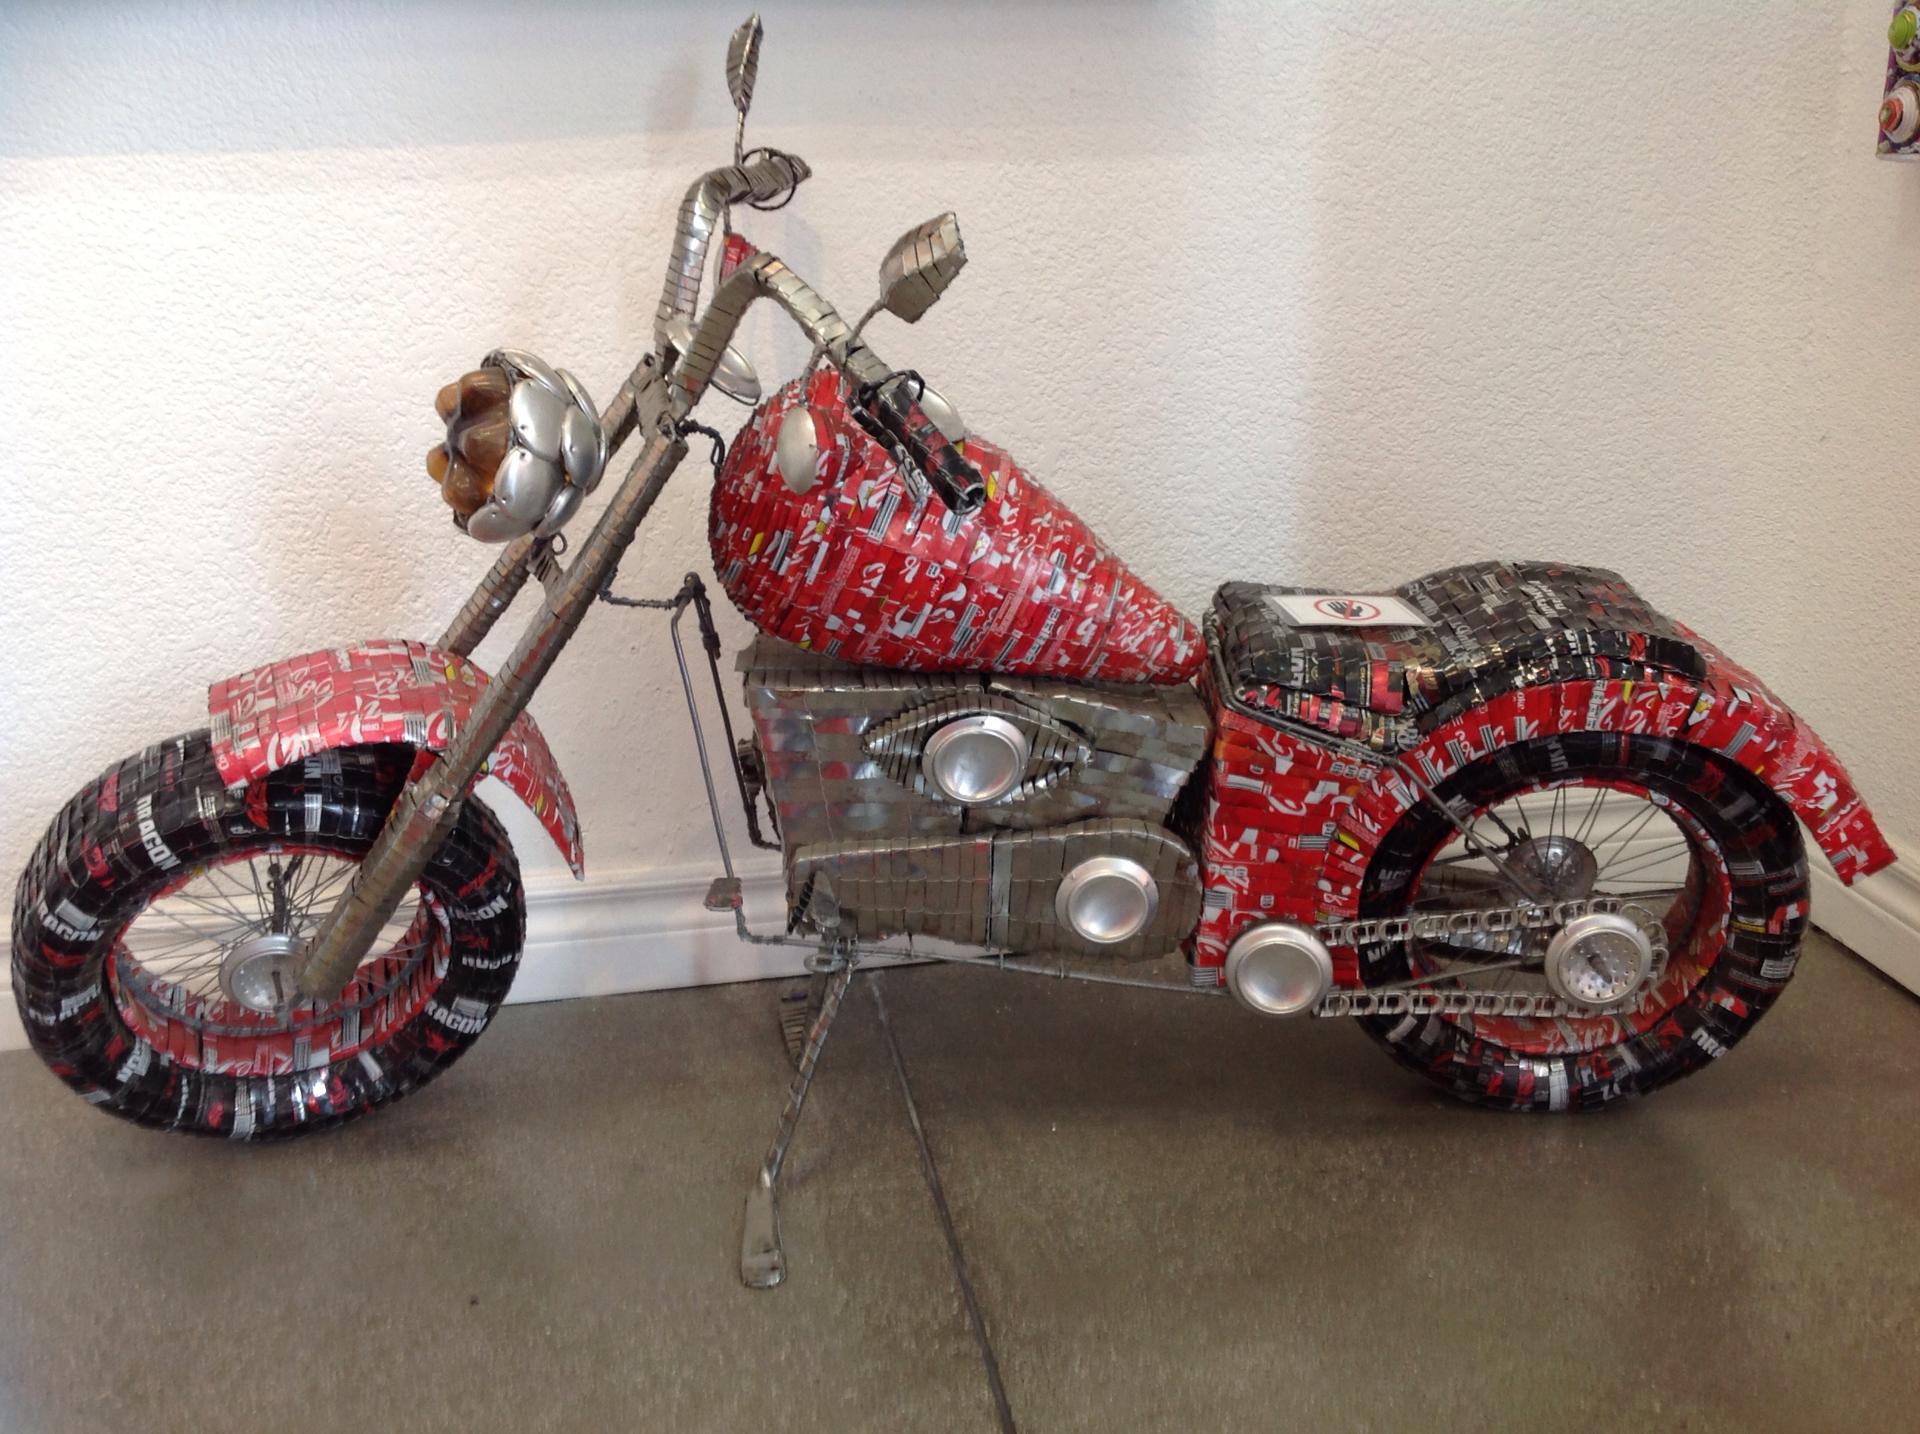 Cola can Motorcycle by Efi Mashiah